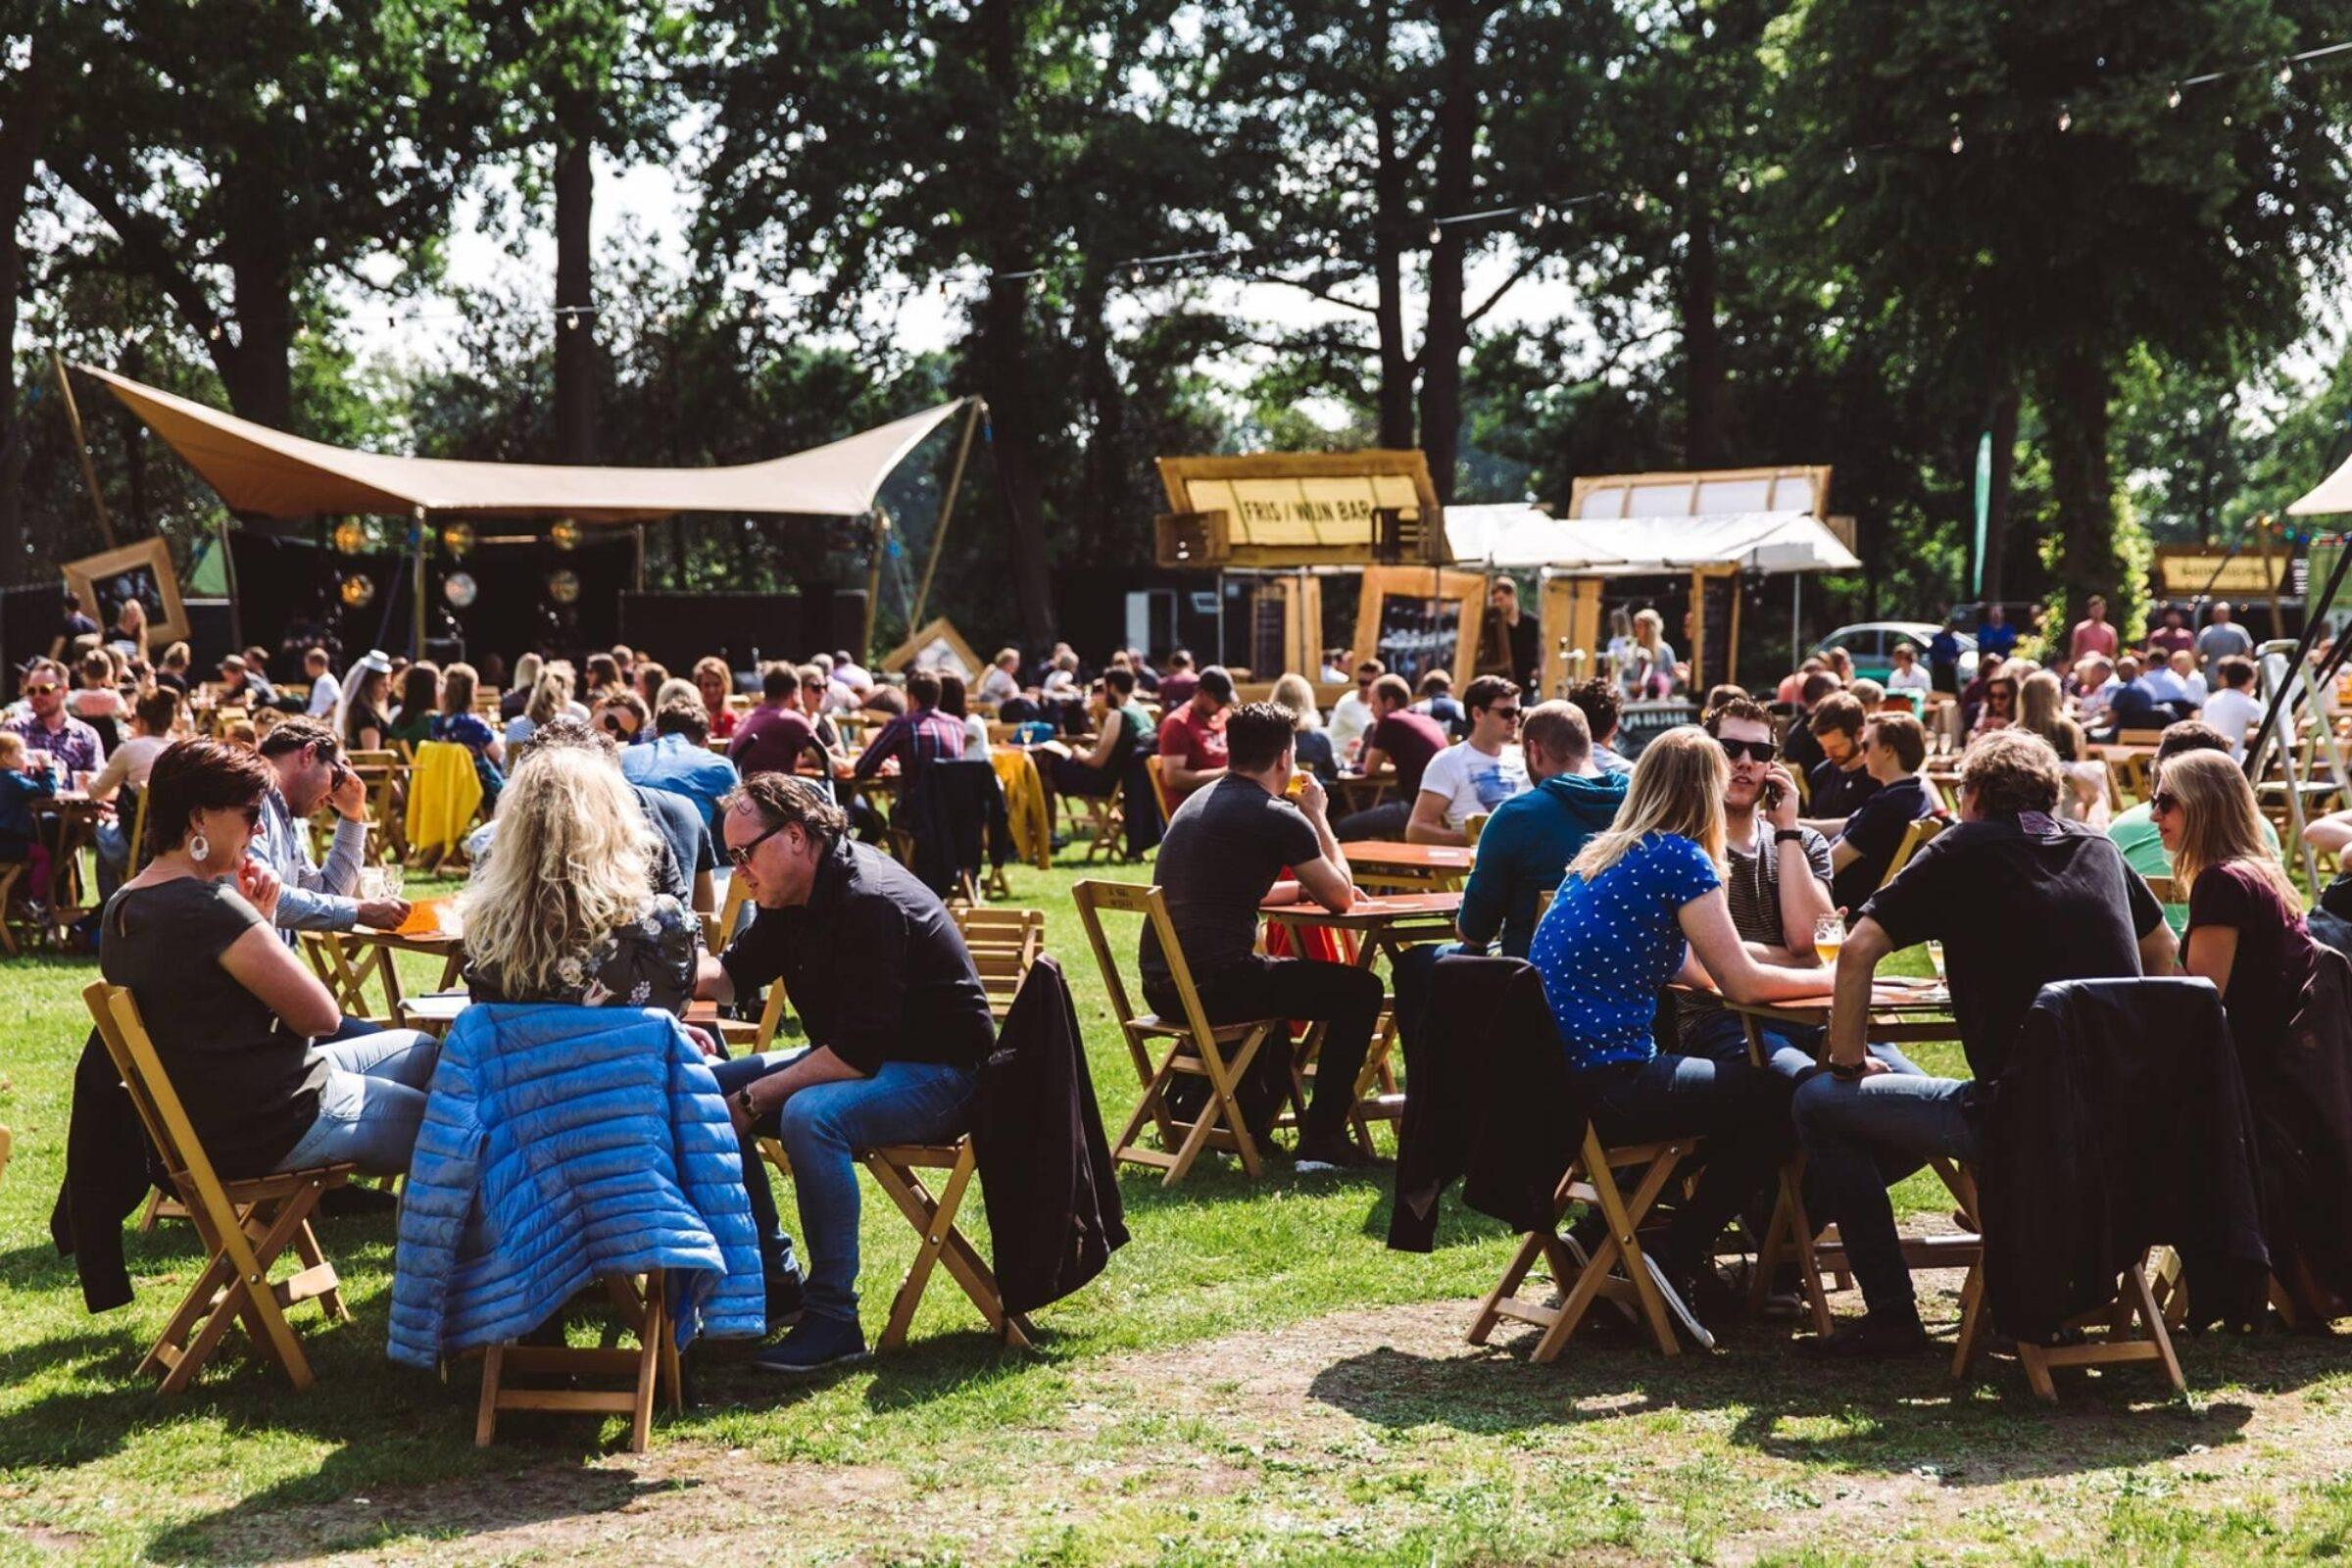 Mout Bierfestival Enschede